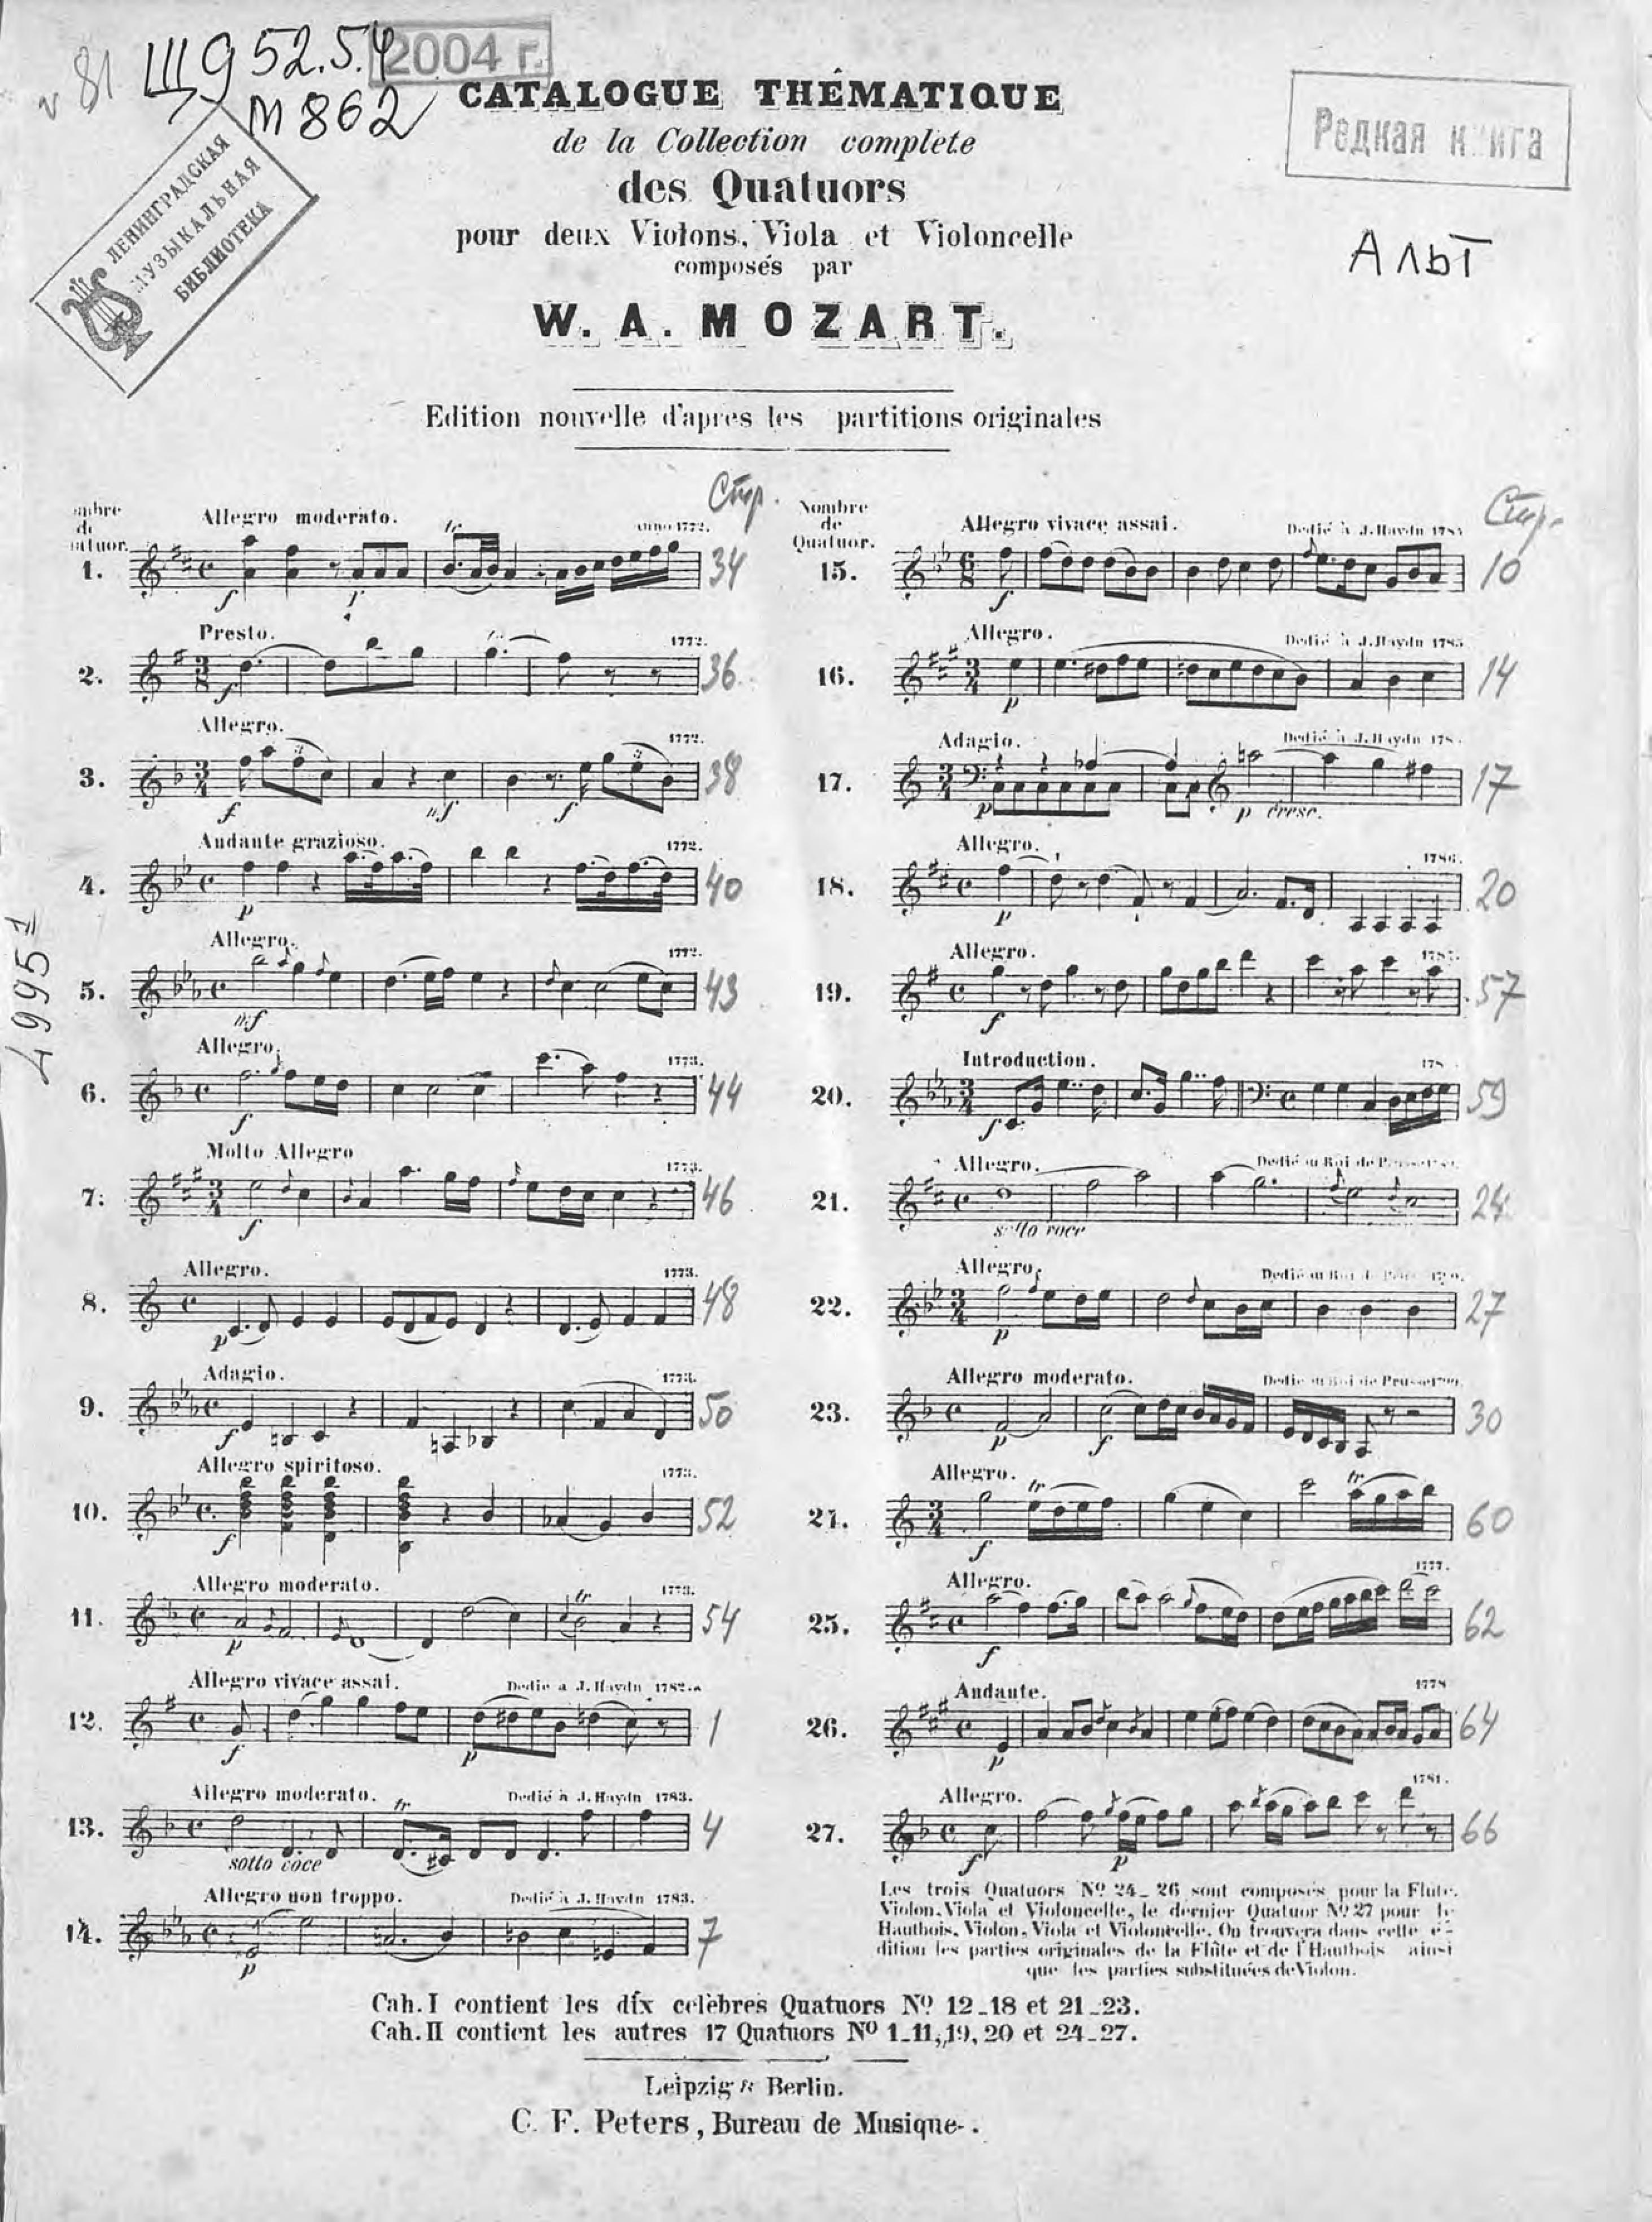 Вольфганг Амадей Моцарт Collection de quatuors pour 2 violons, viola et violoncelle par W. A. Mozart сергей иванович танеев sixieme quatuor sib pour 2 violons alto et violoncelle par s taneiew